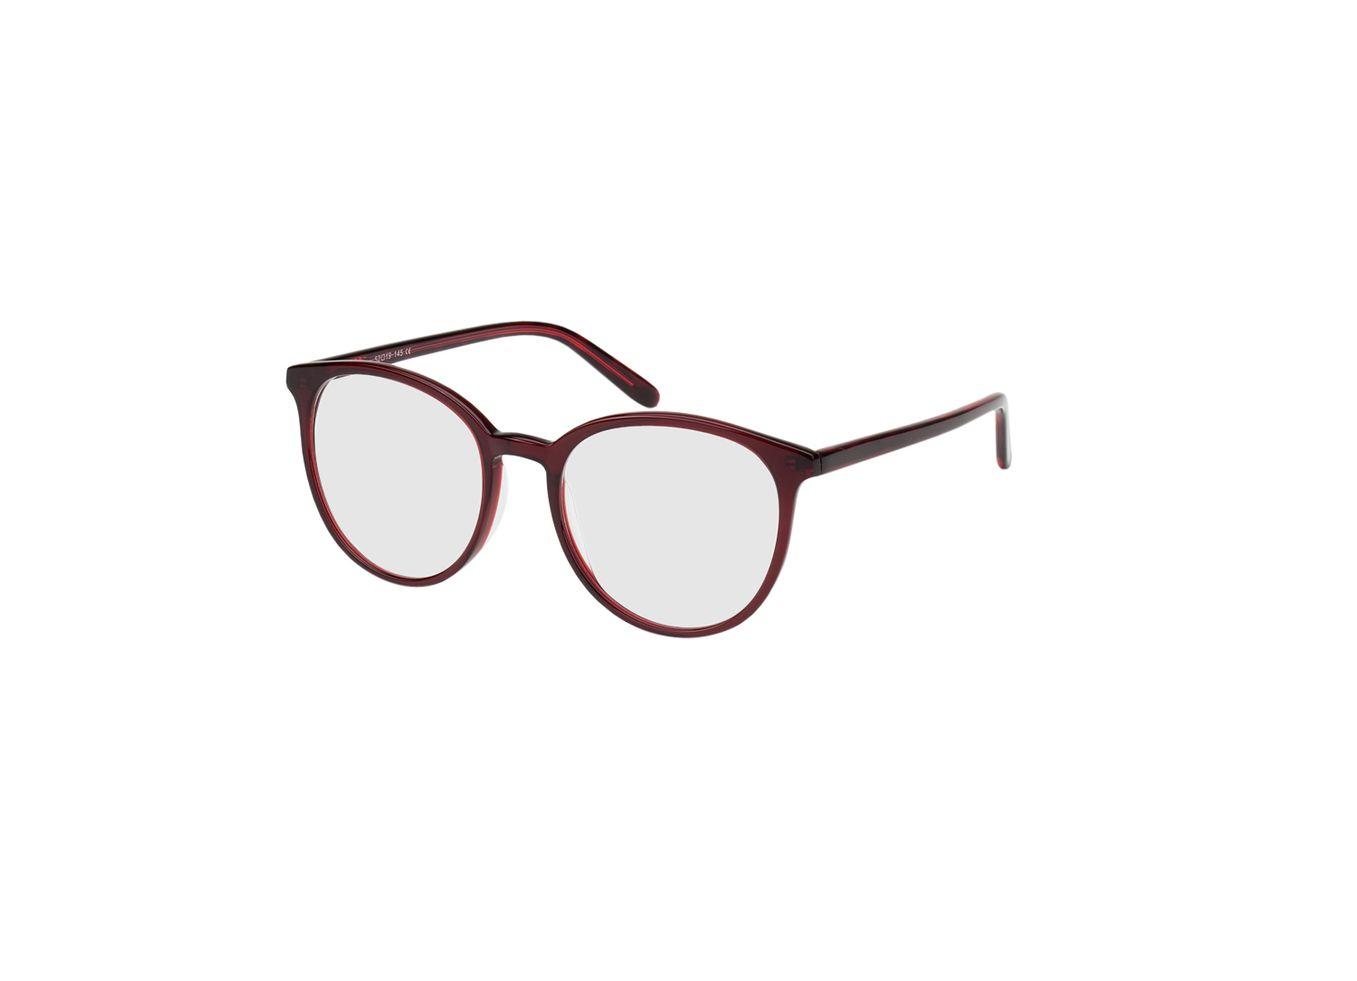 3721-singlevision-0000 New York-rot Gleitsichtbrille, Vollrand, Rund Brille24 Collection